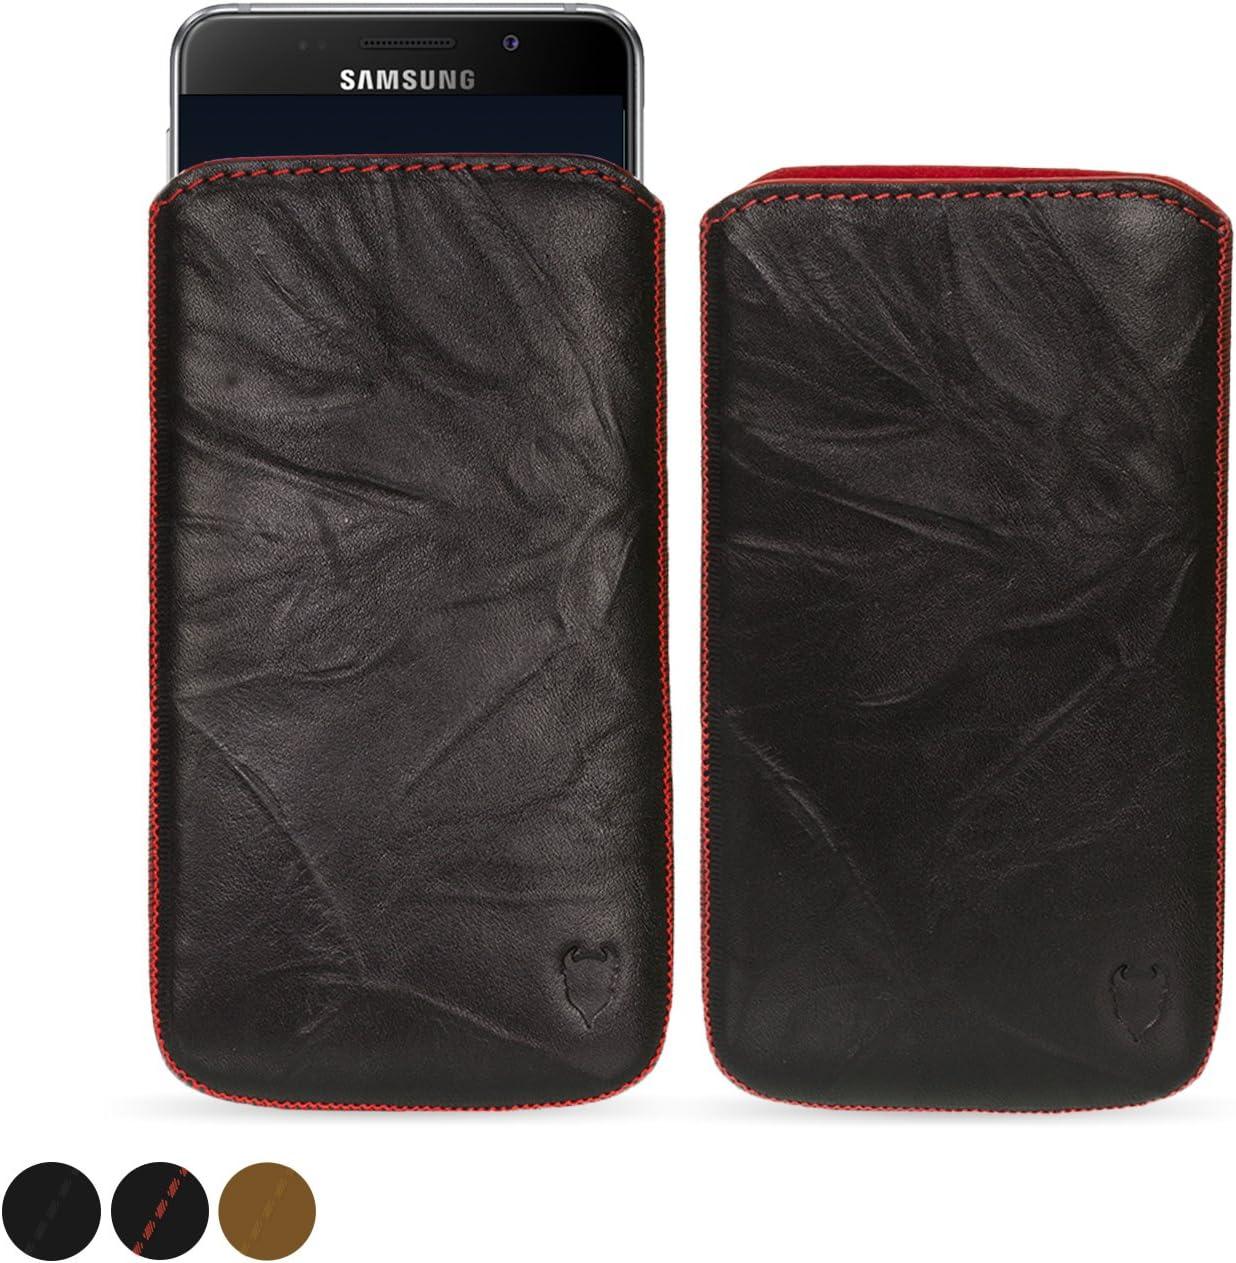 Mediadevil Samsung Galaxy A3 Lederhülle Elektronik